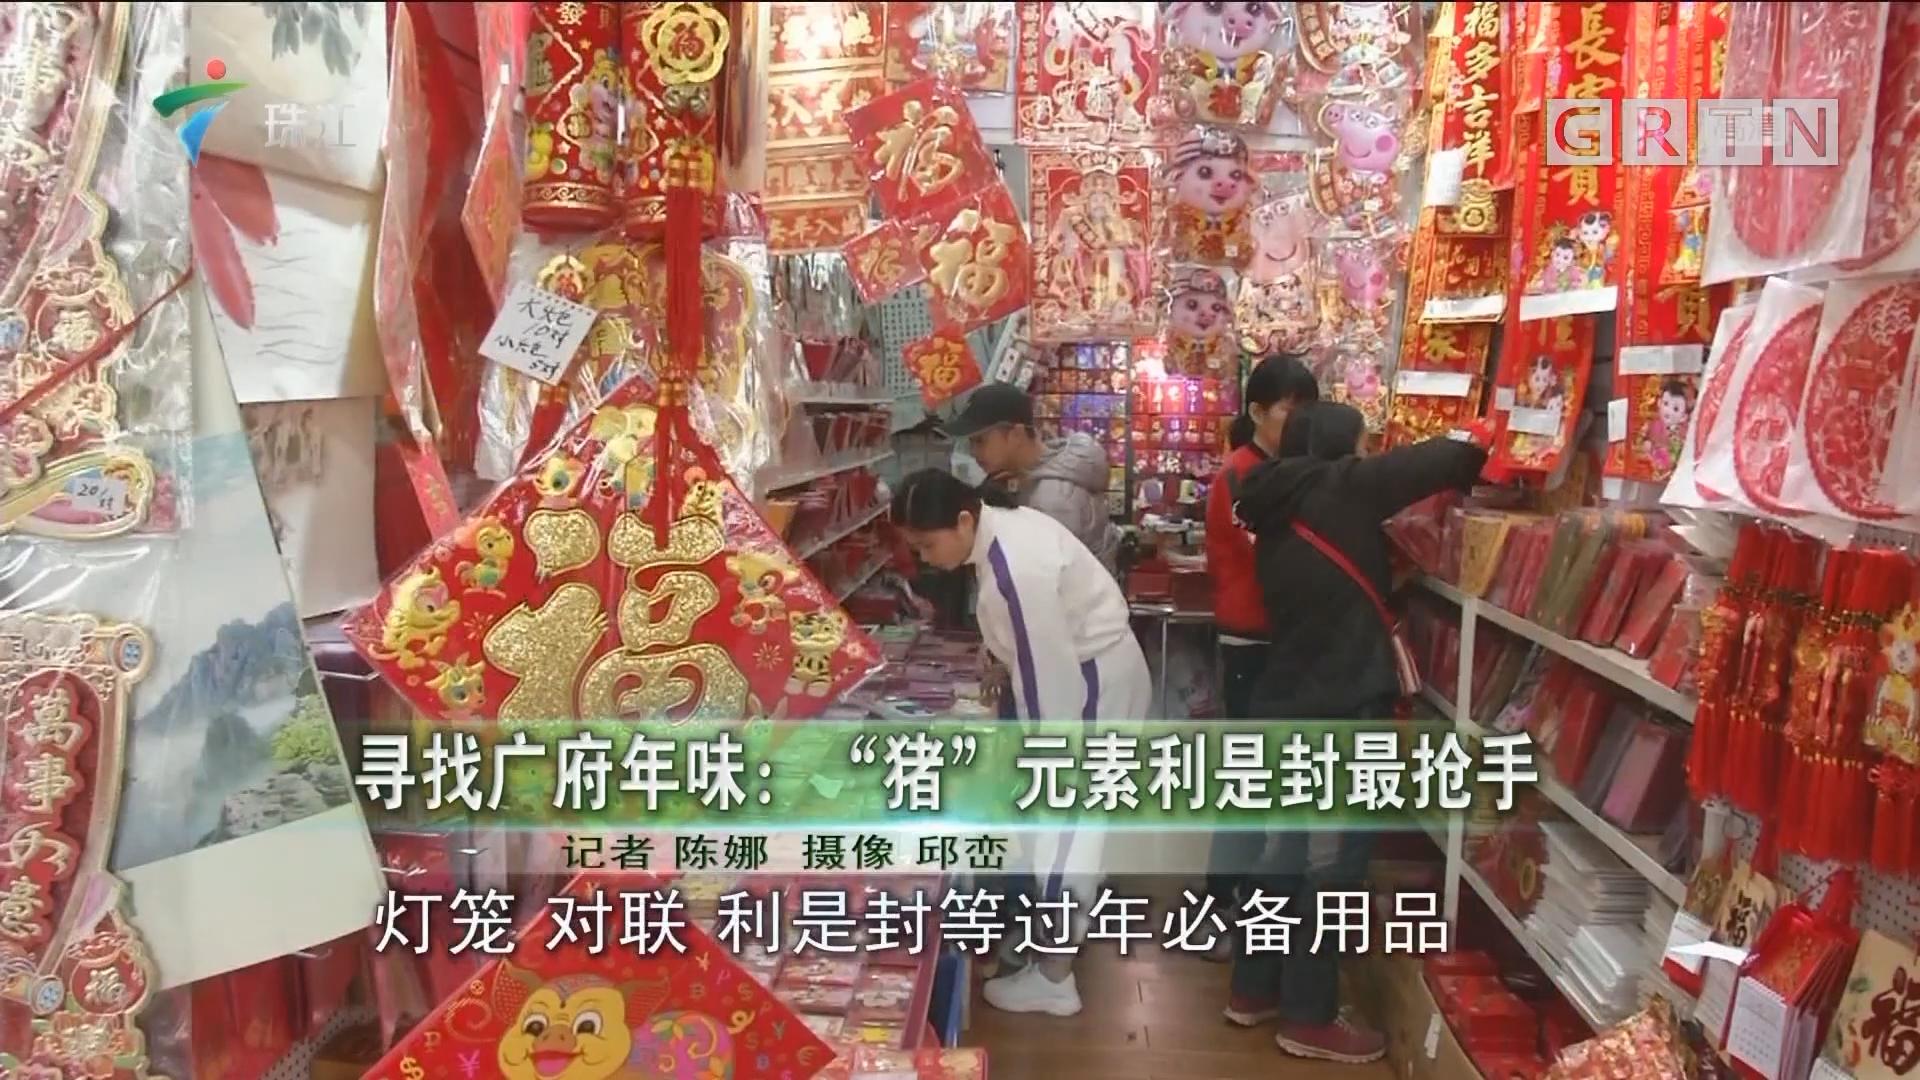 """寻找广府年味:""""猪""""元素利是封最抢手"""